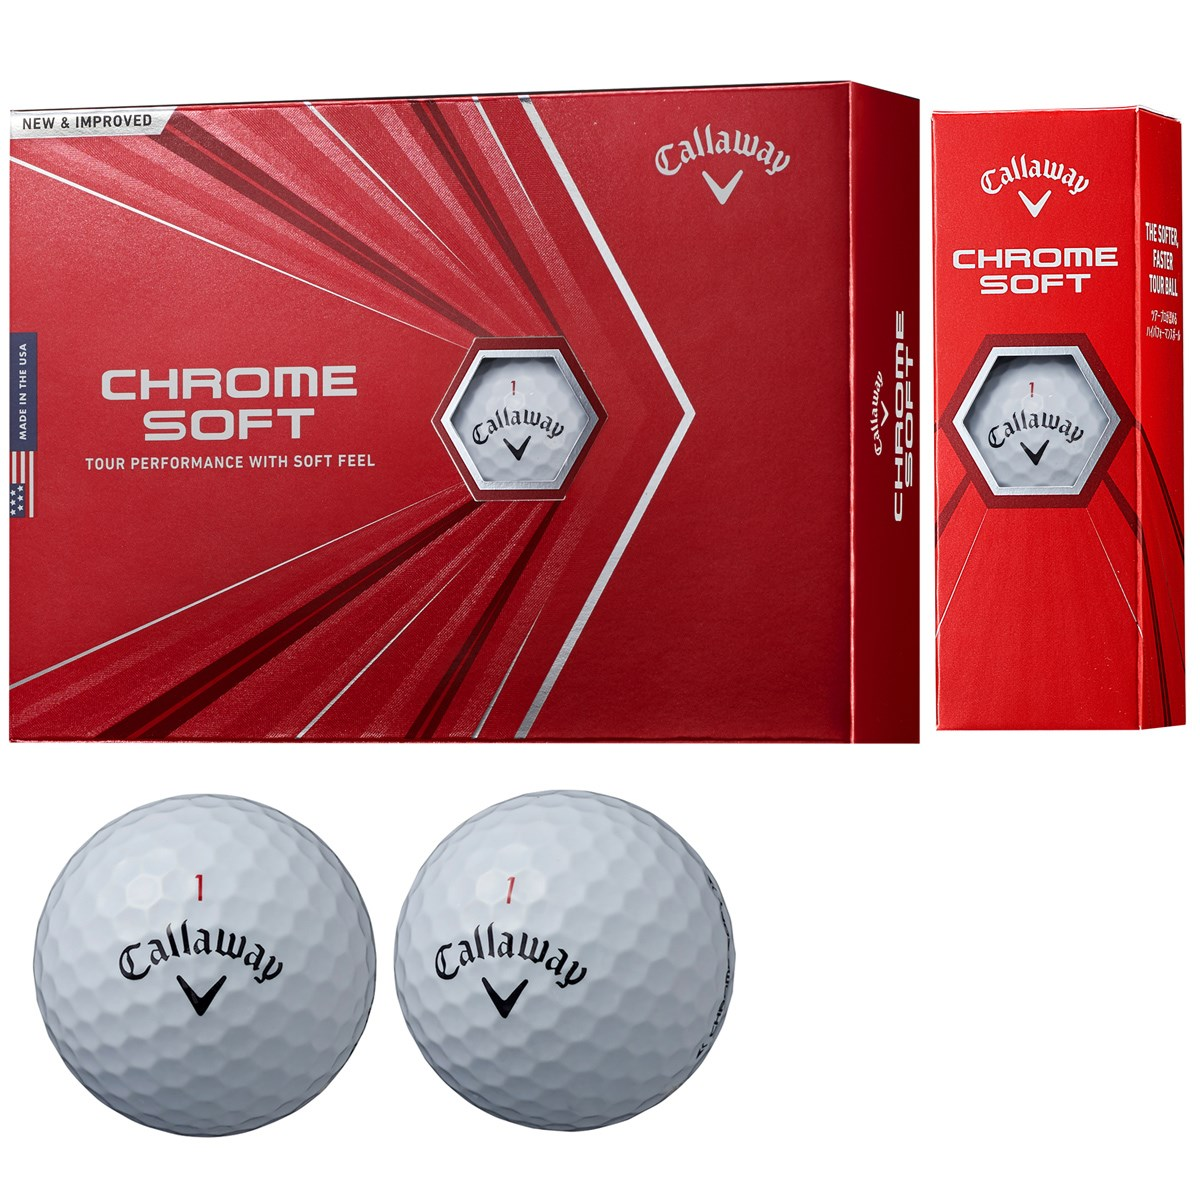 キャロウェイゴルフ CHROM SOFT CHROME SOFT ボール 1ダース(12個入り) ホワイト